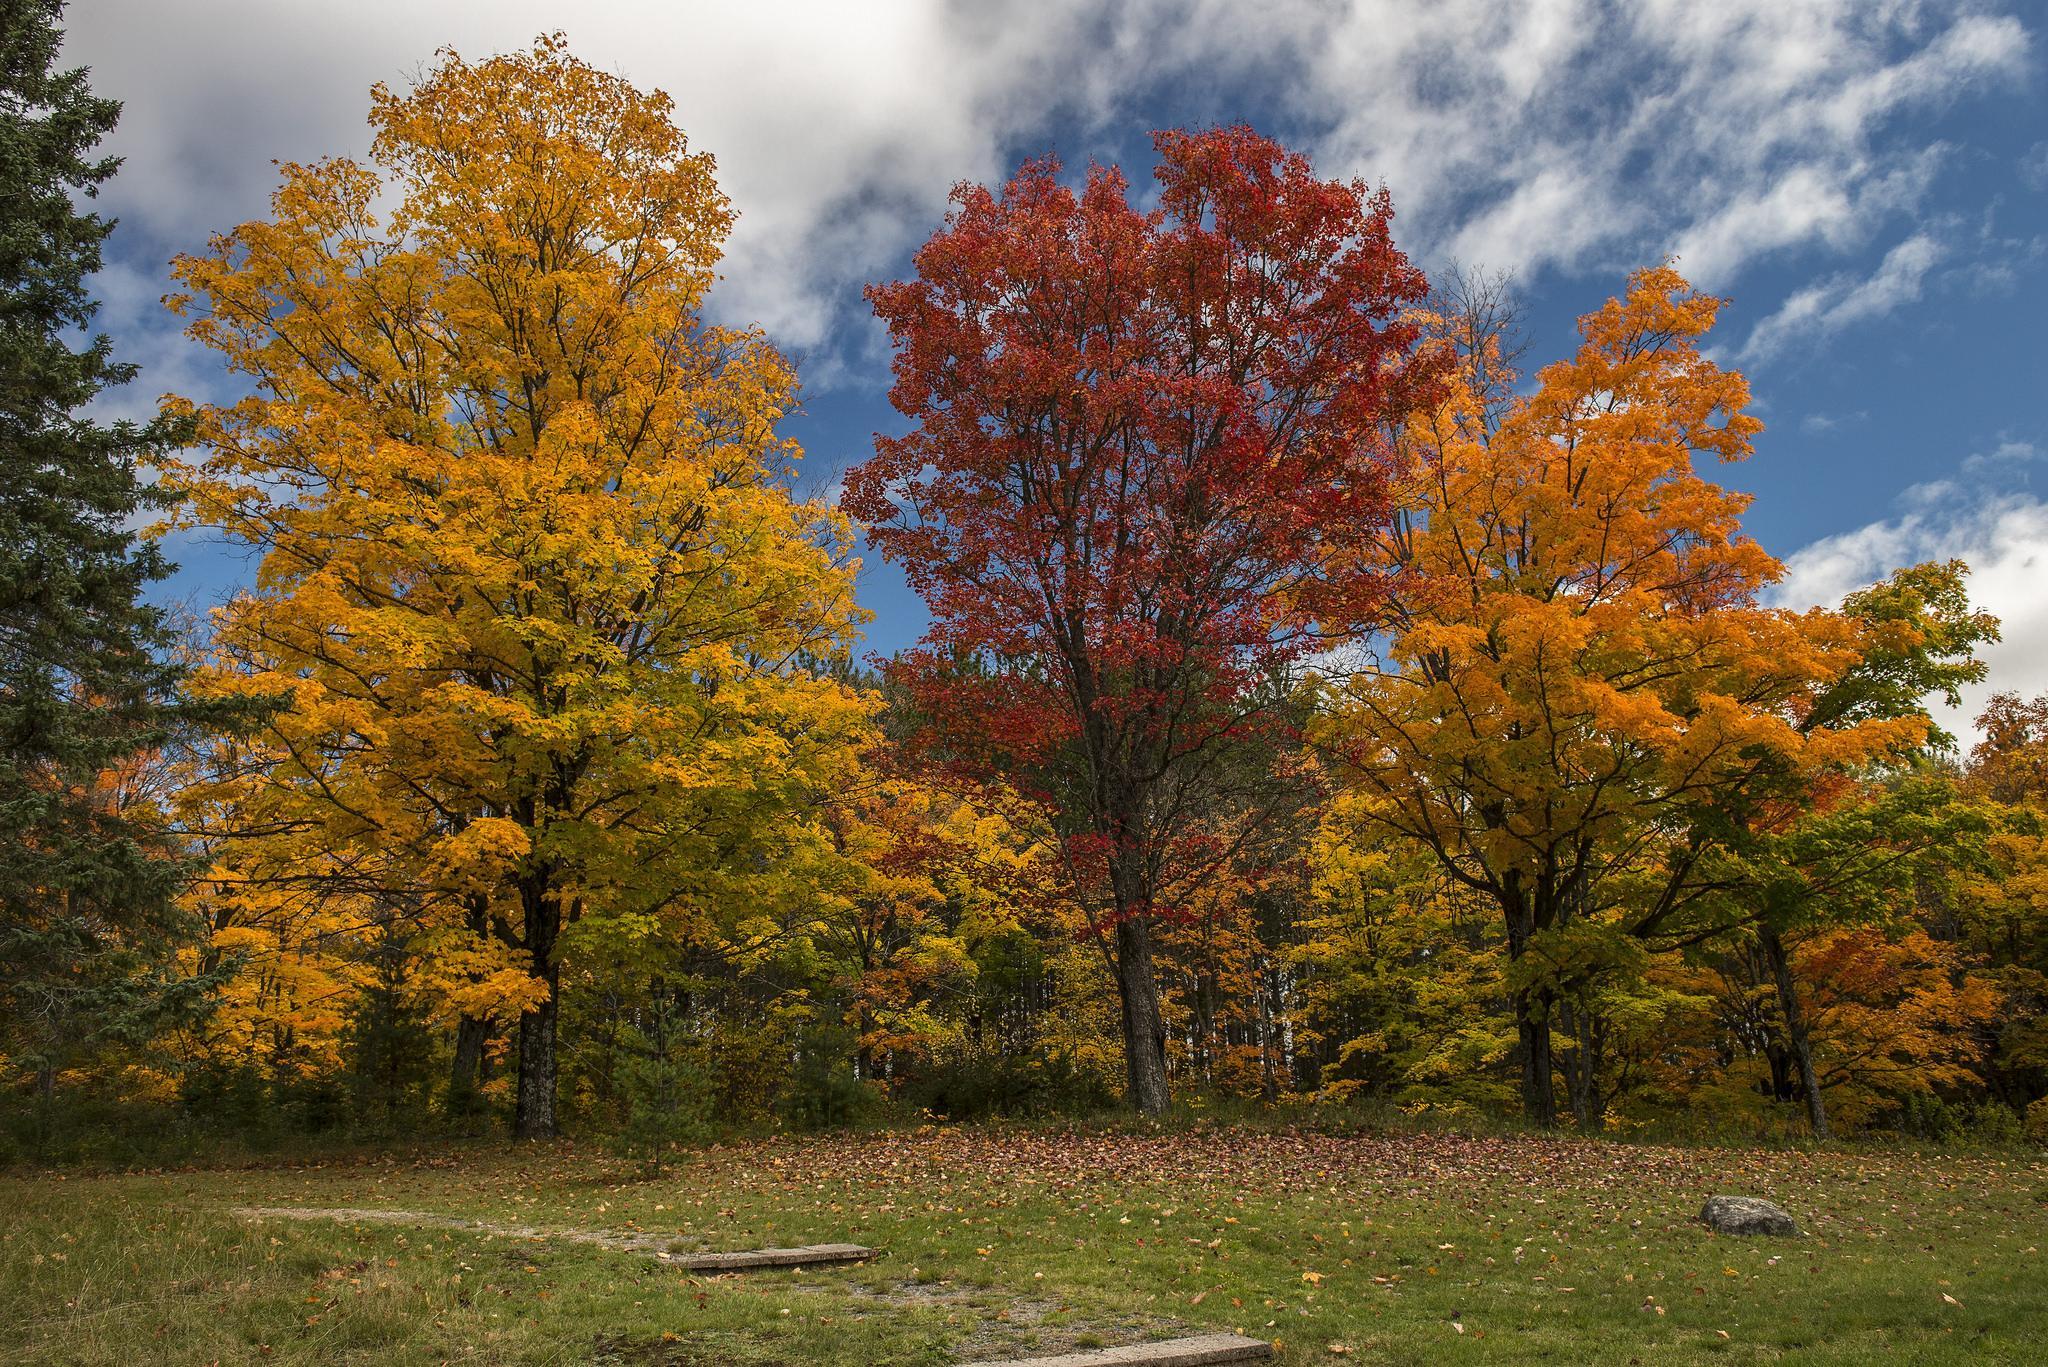 красиво картинка осенней полянки леса что